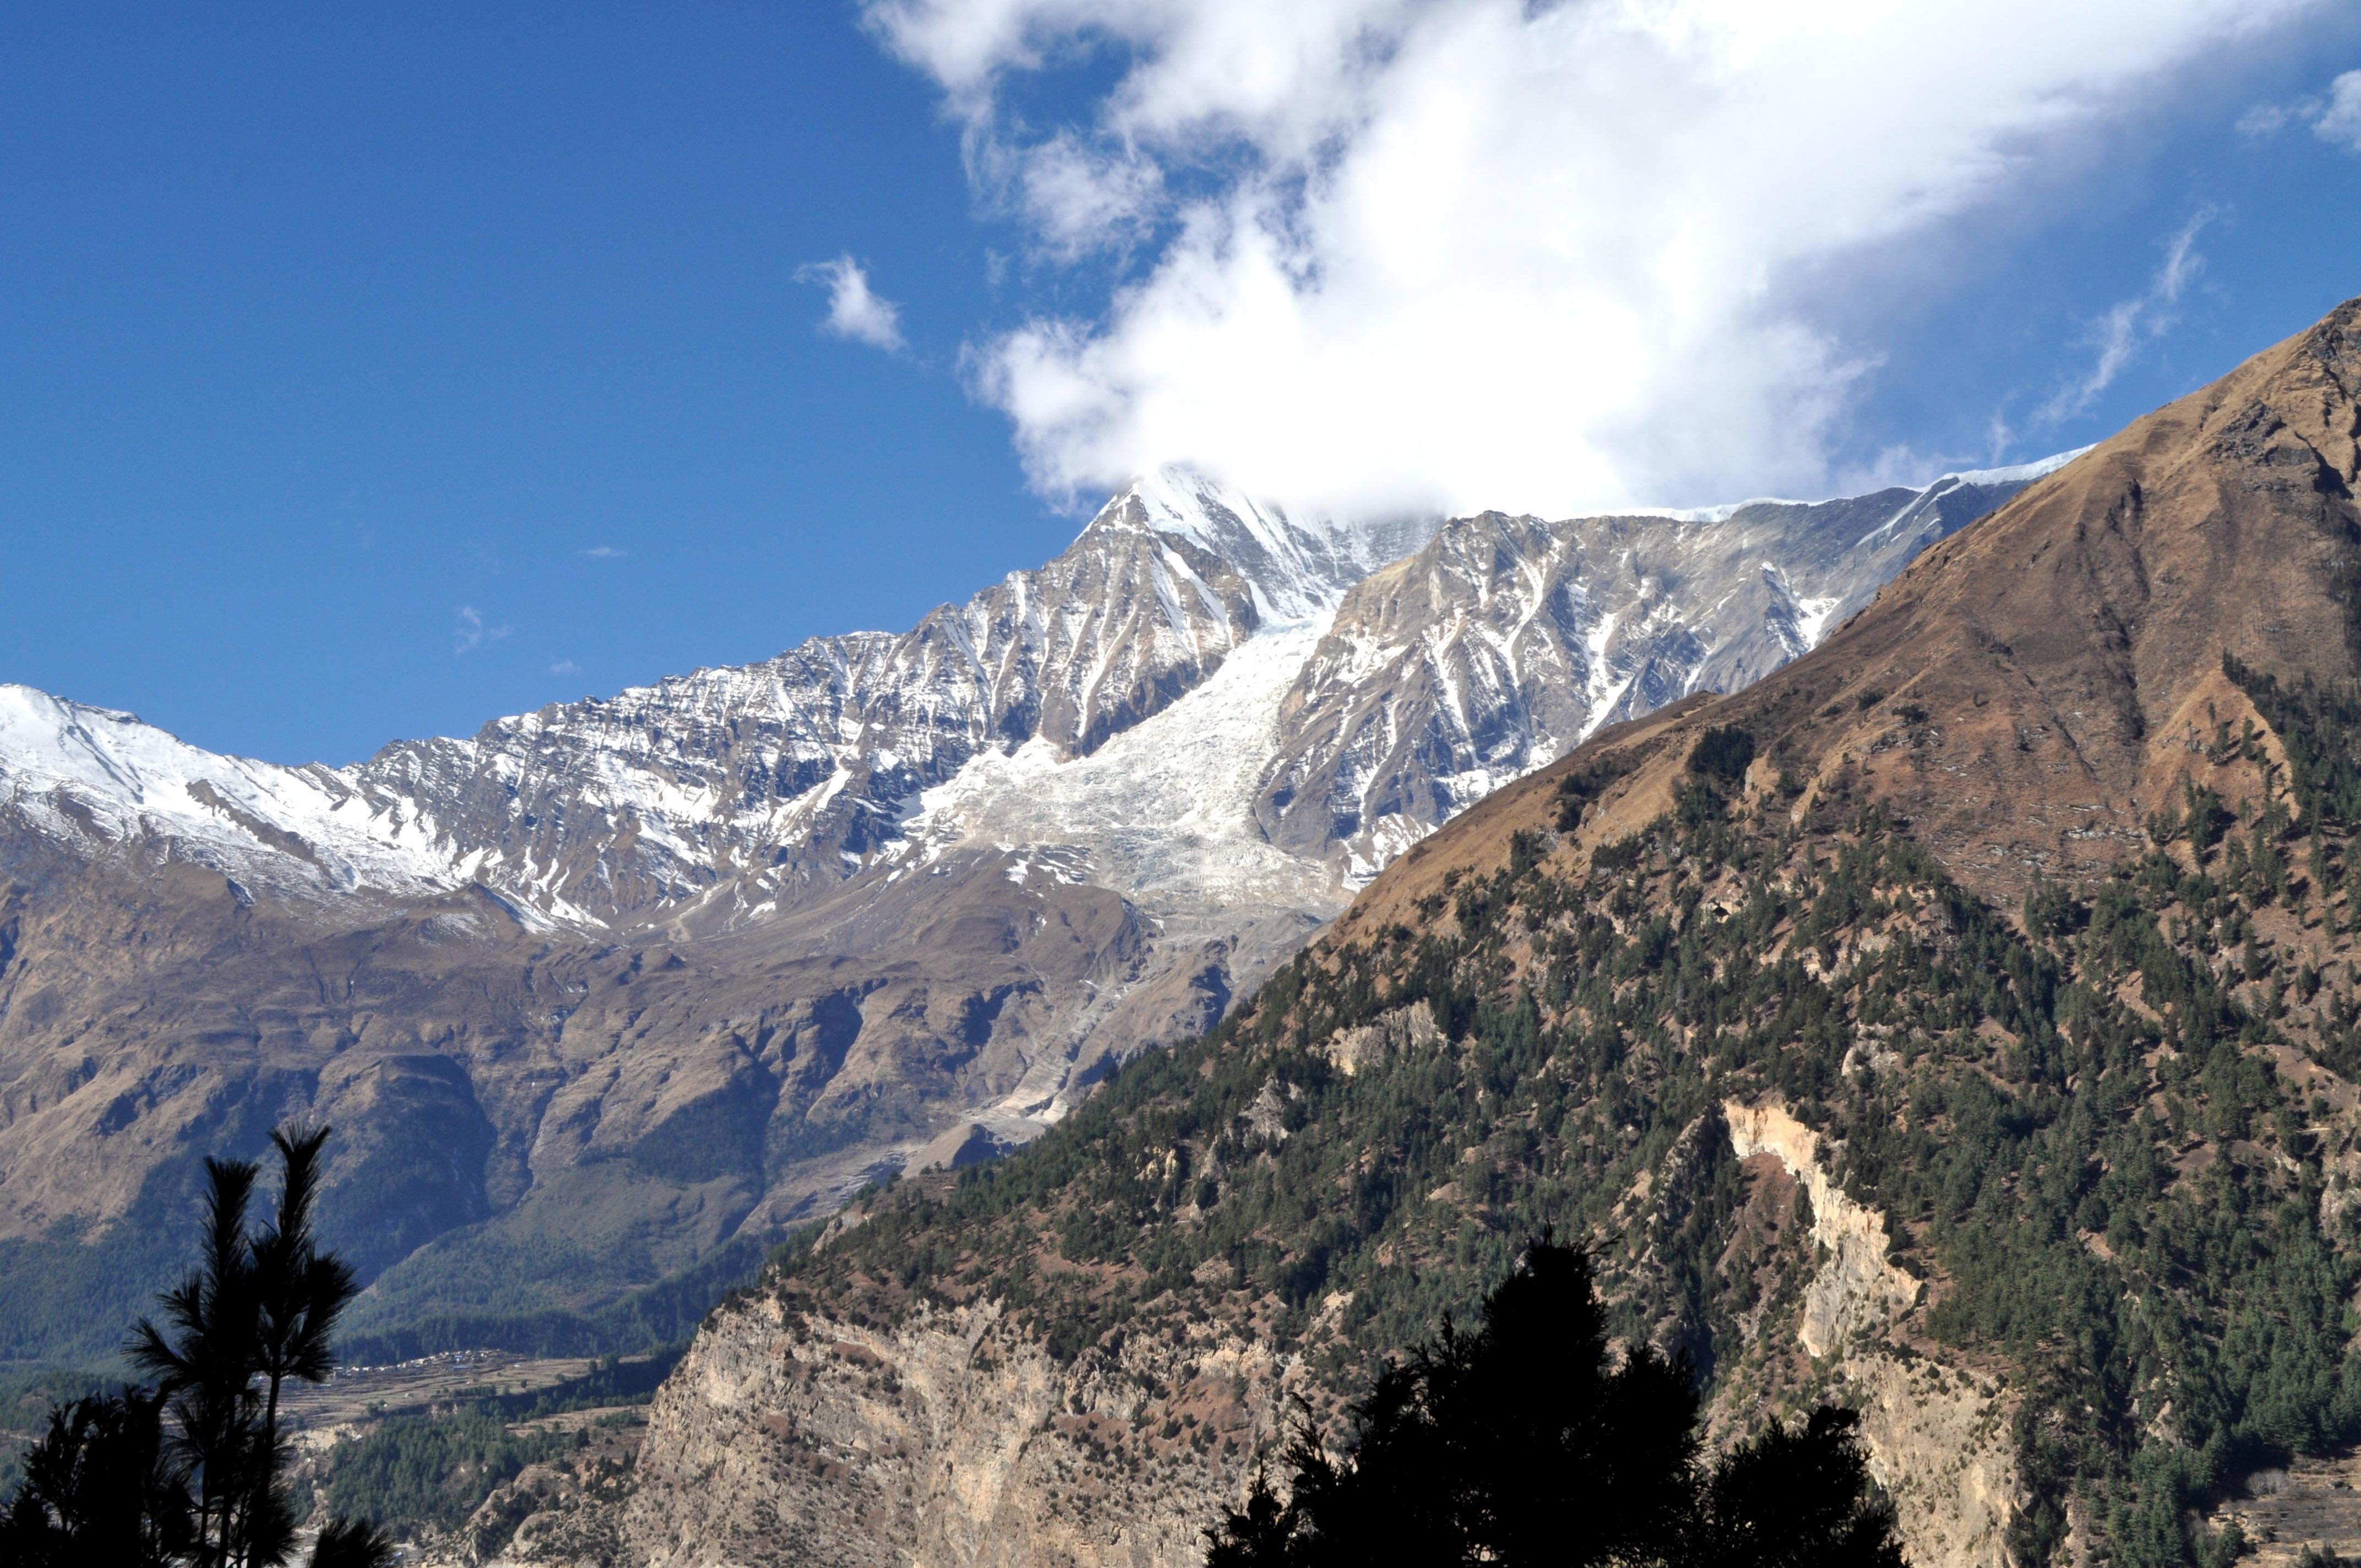 uno sguardo al Dhaulagiri, con il suo cappello di nubi